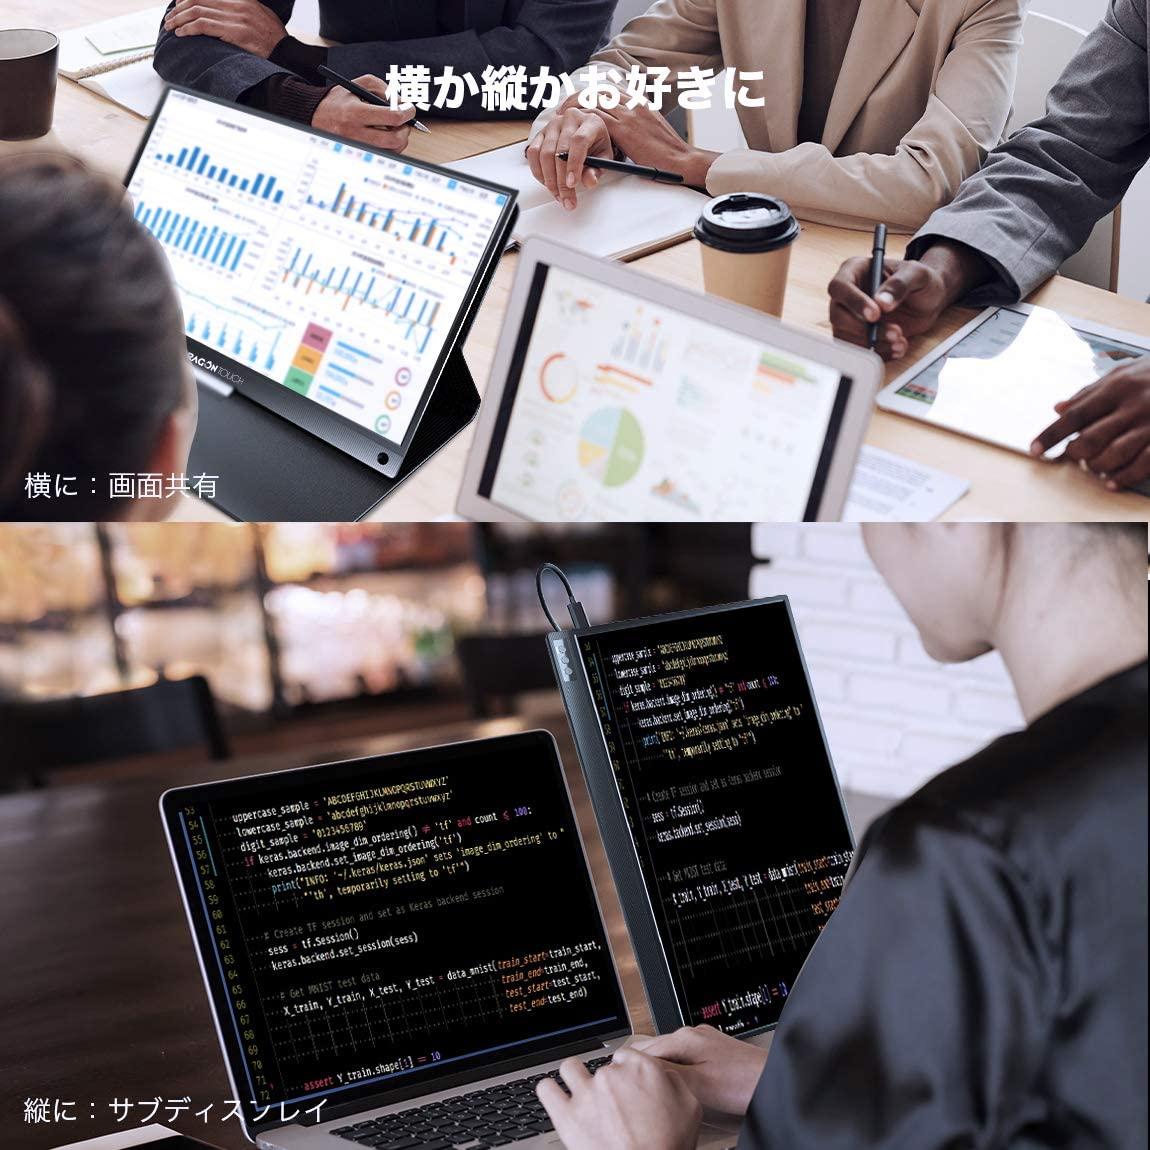 Dragon TouchモバイルモニターS1